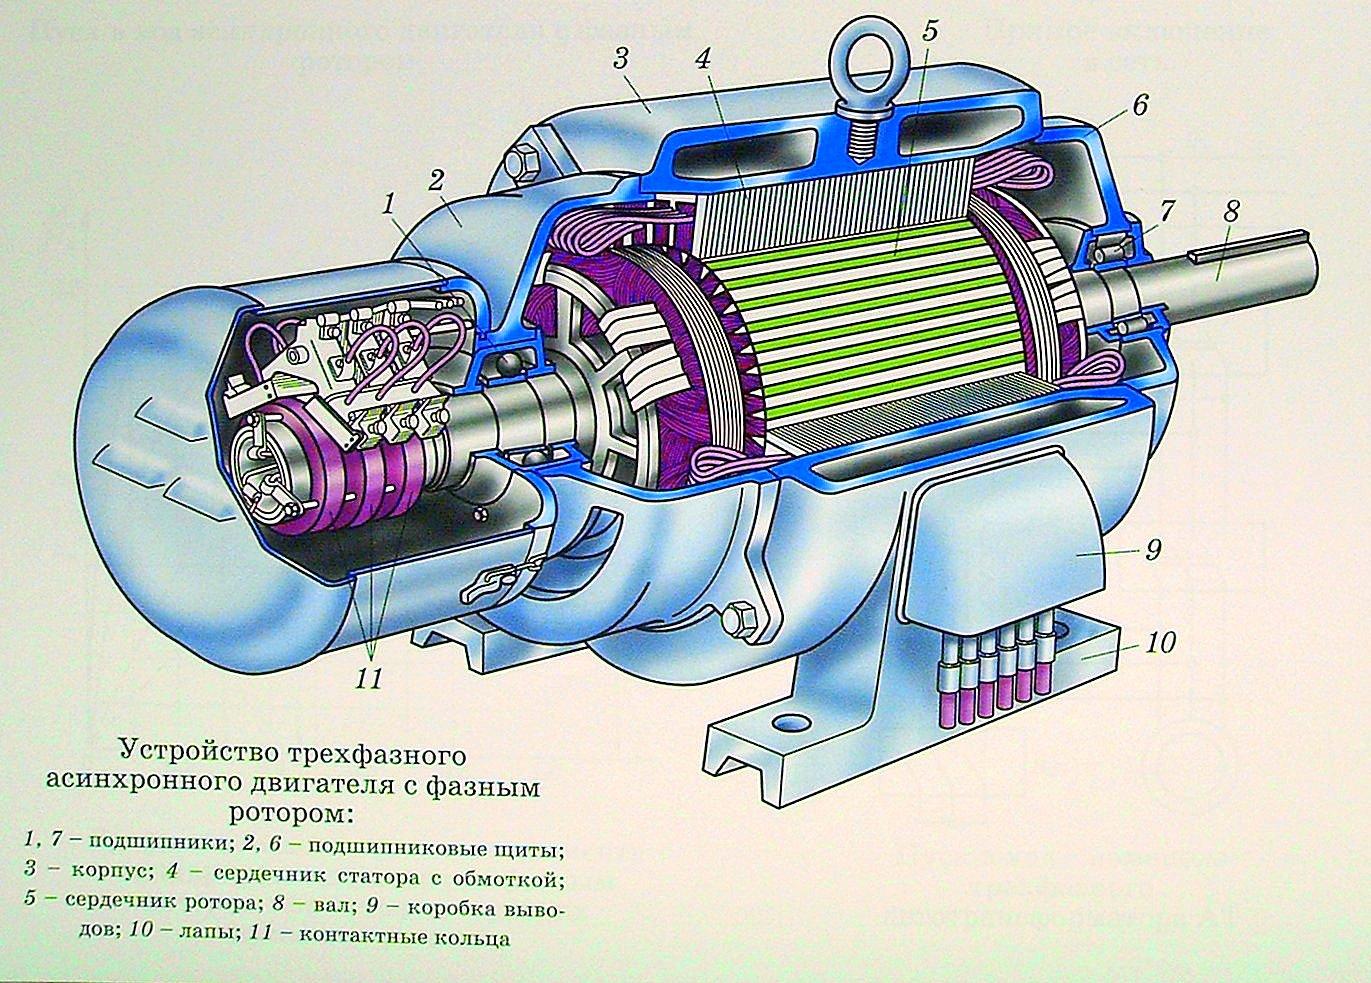 асинхронный электродвигатель с фазным ротором фото раздражение нежной